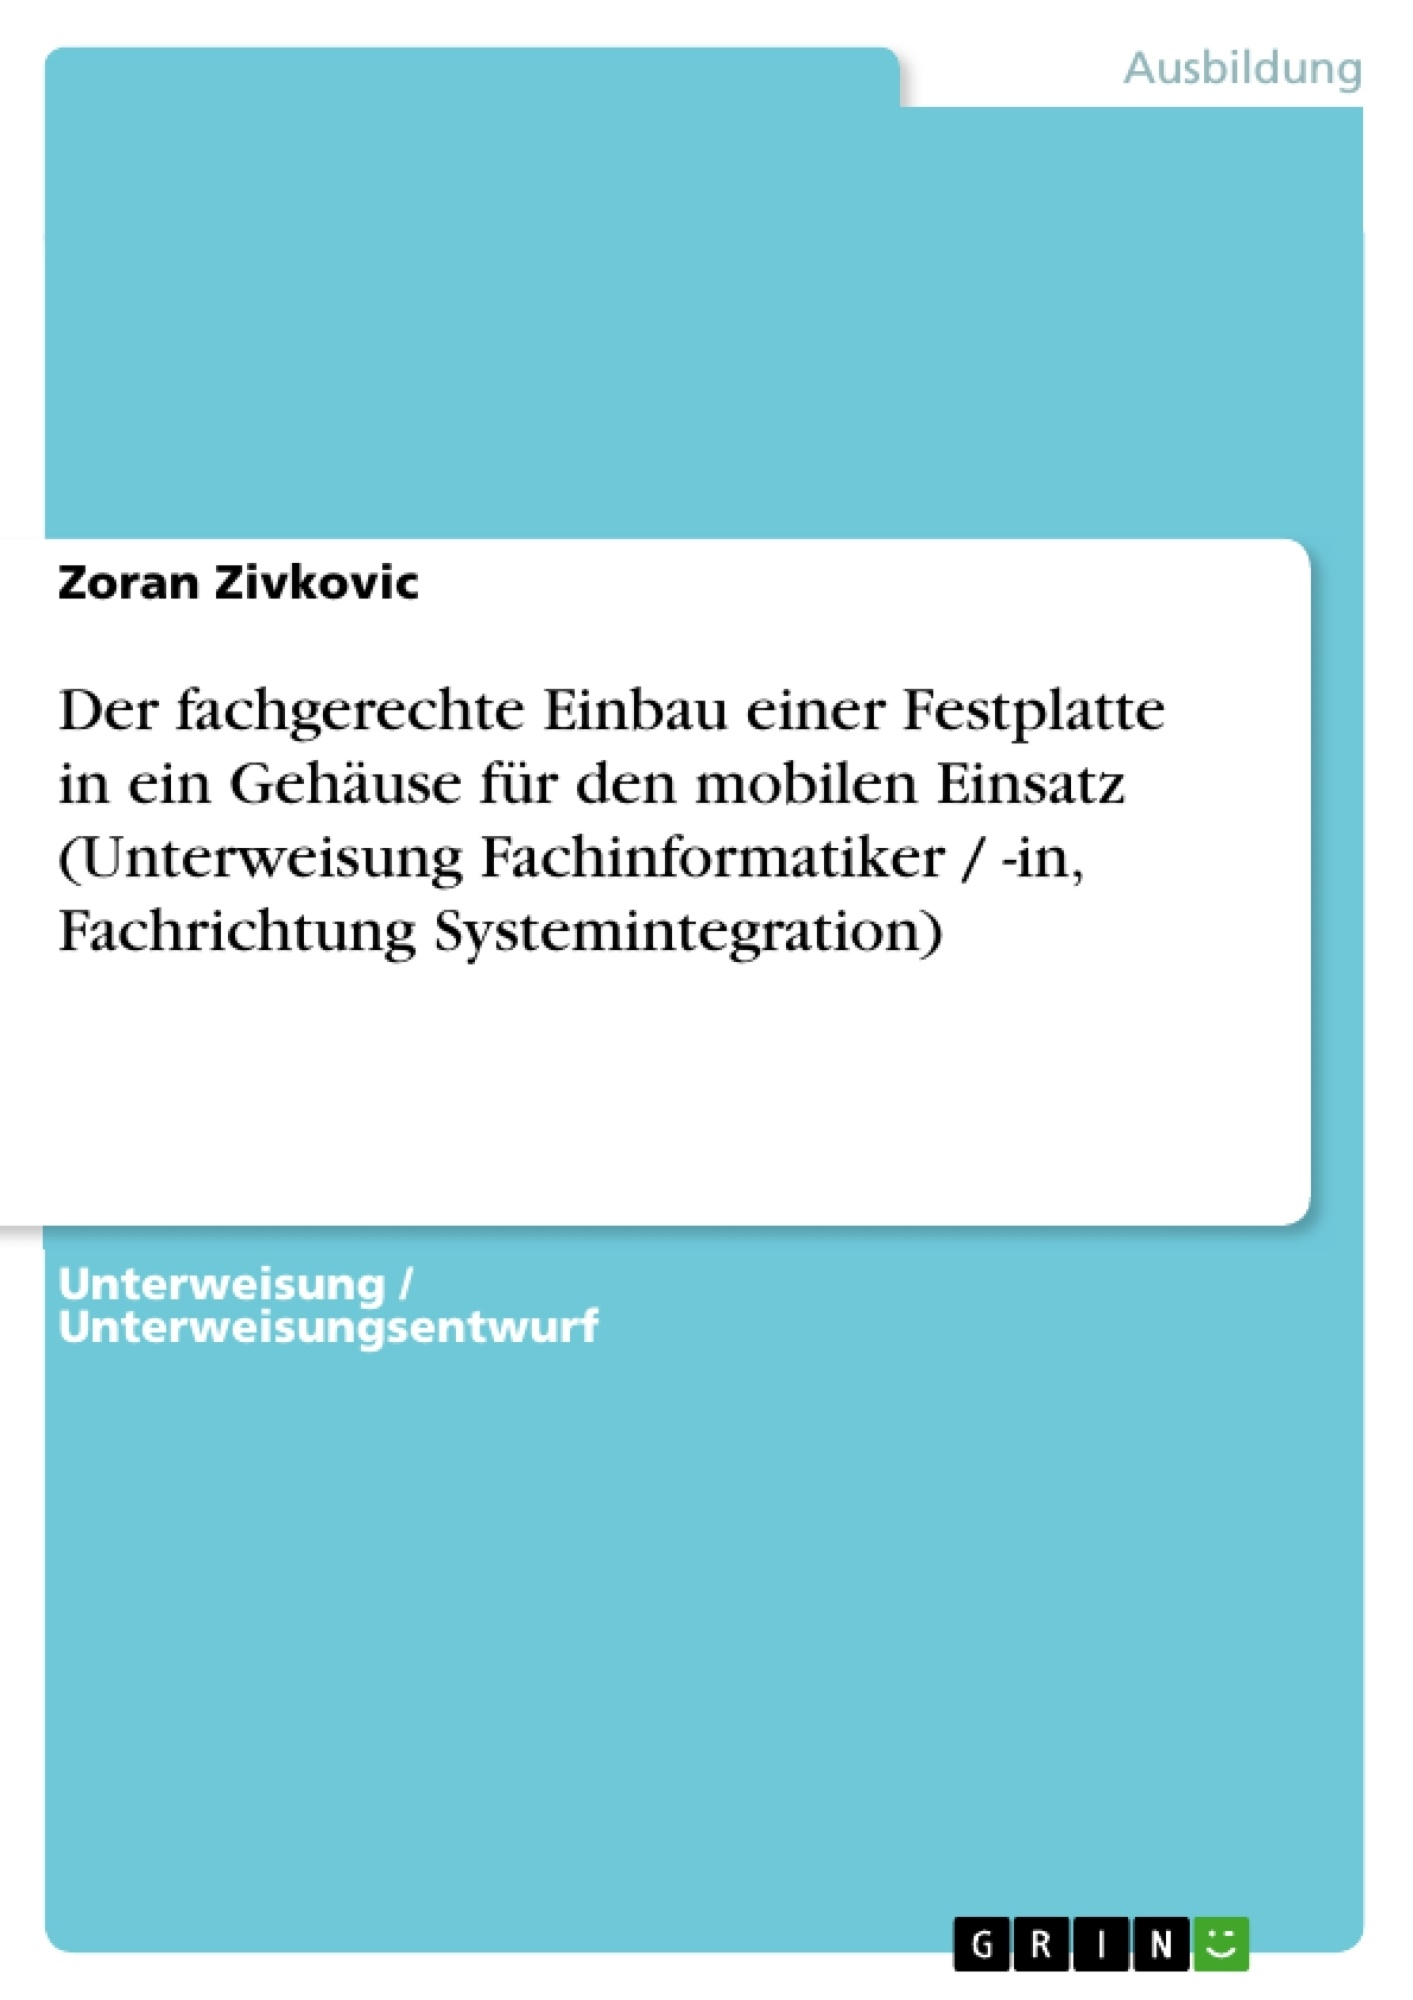 Titel: Der fachgerechte Einbau einer Festplatte in ein Gehäuse für den mobilen Einsatz (Unterweisung Fachinformatiker / -in, Fachrichtung Systemintegration)